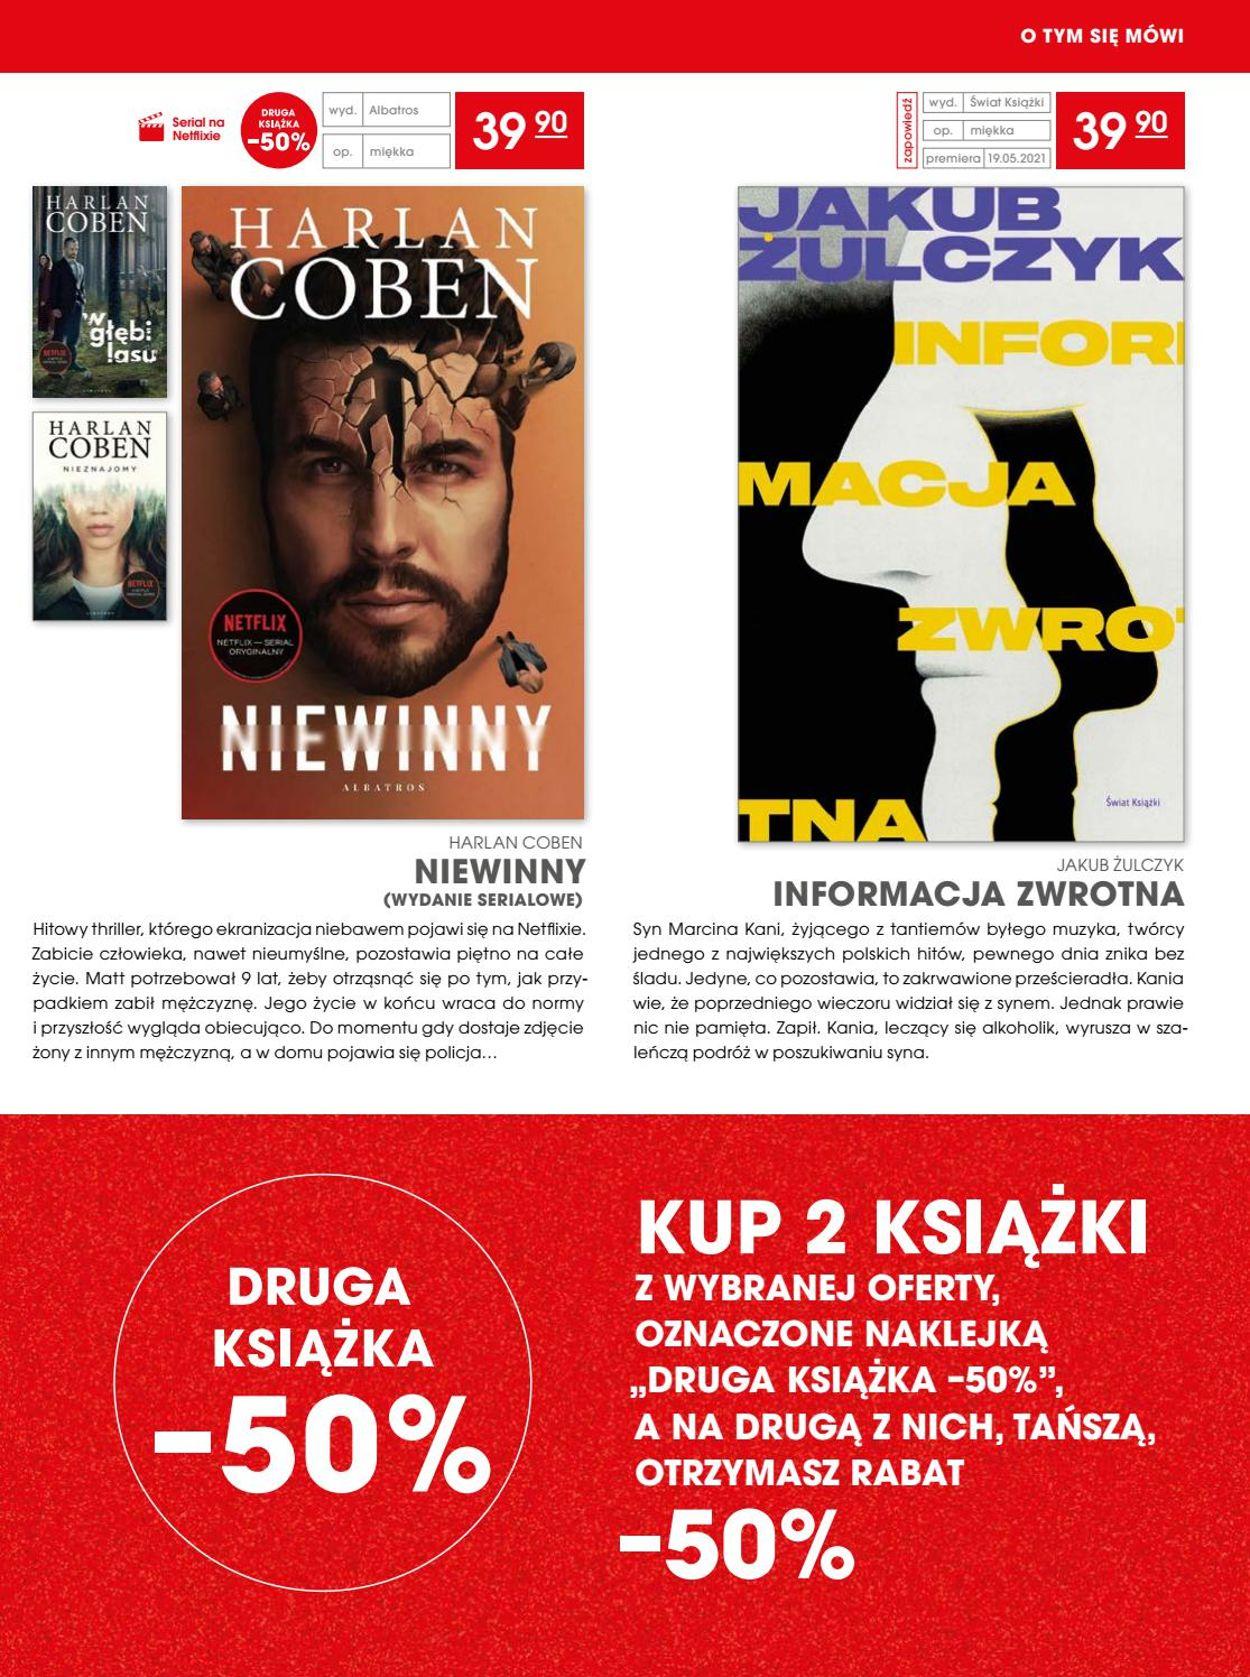 Gazetka promocyjna Świat Książki - 14.04-18.05.2021 (Strona 3)